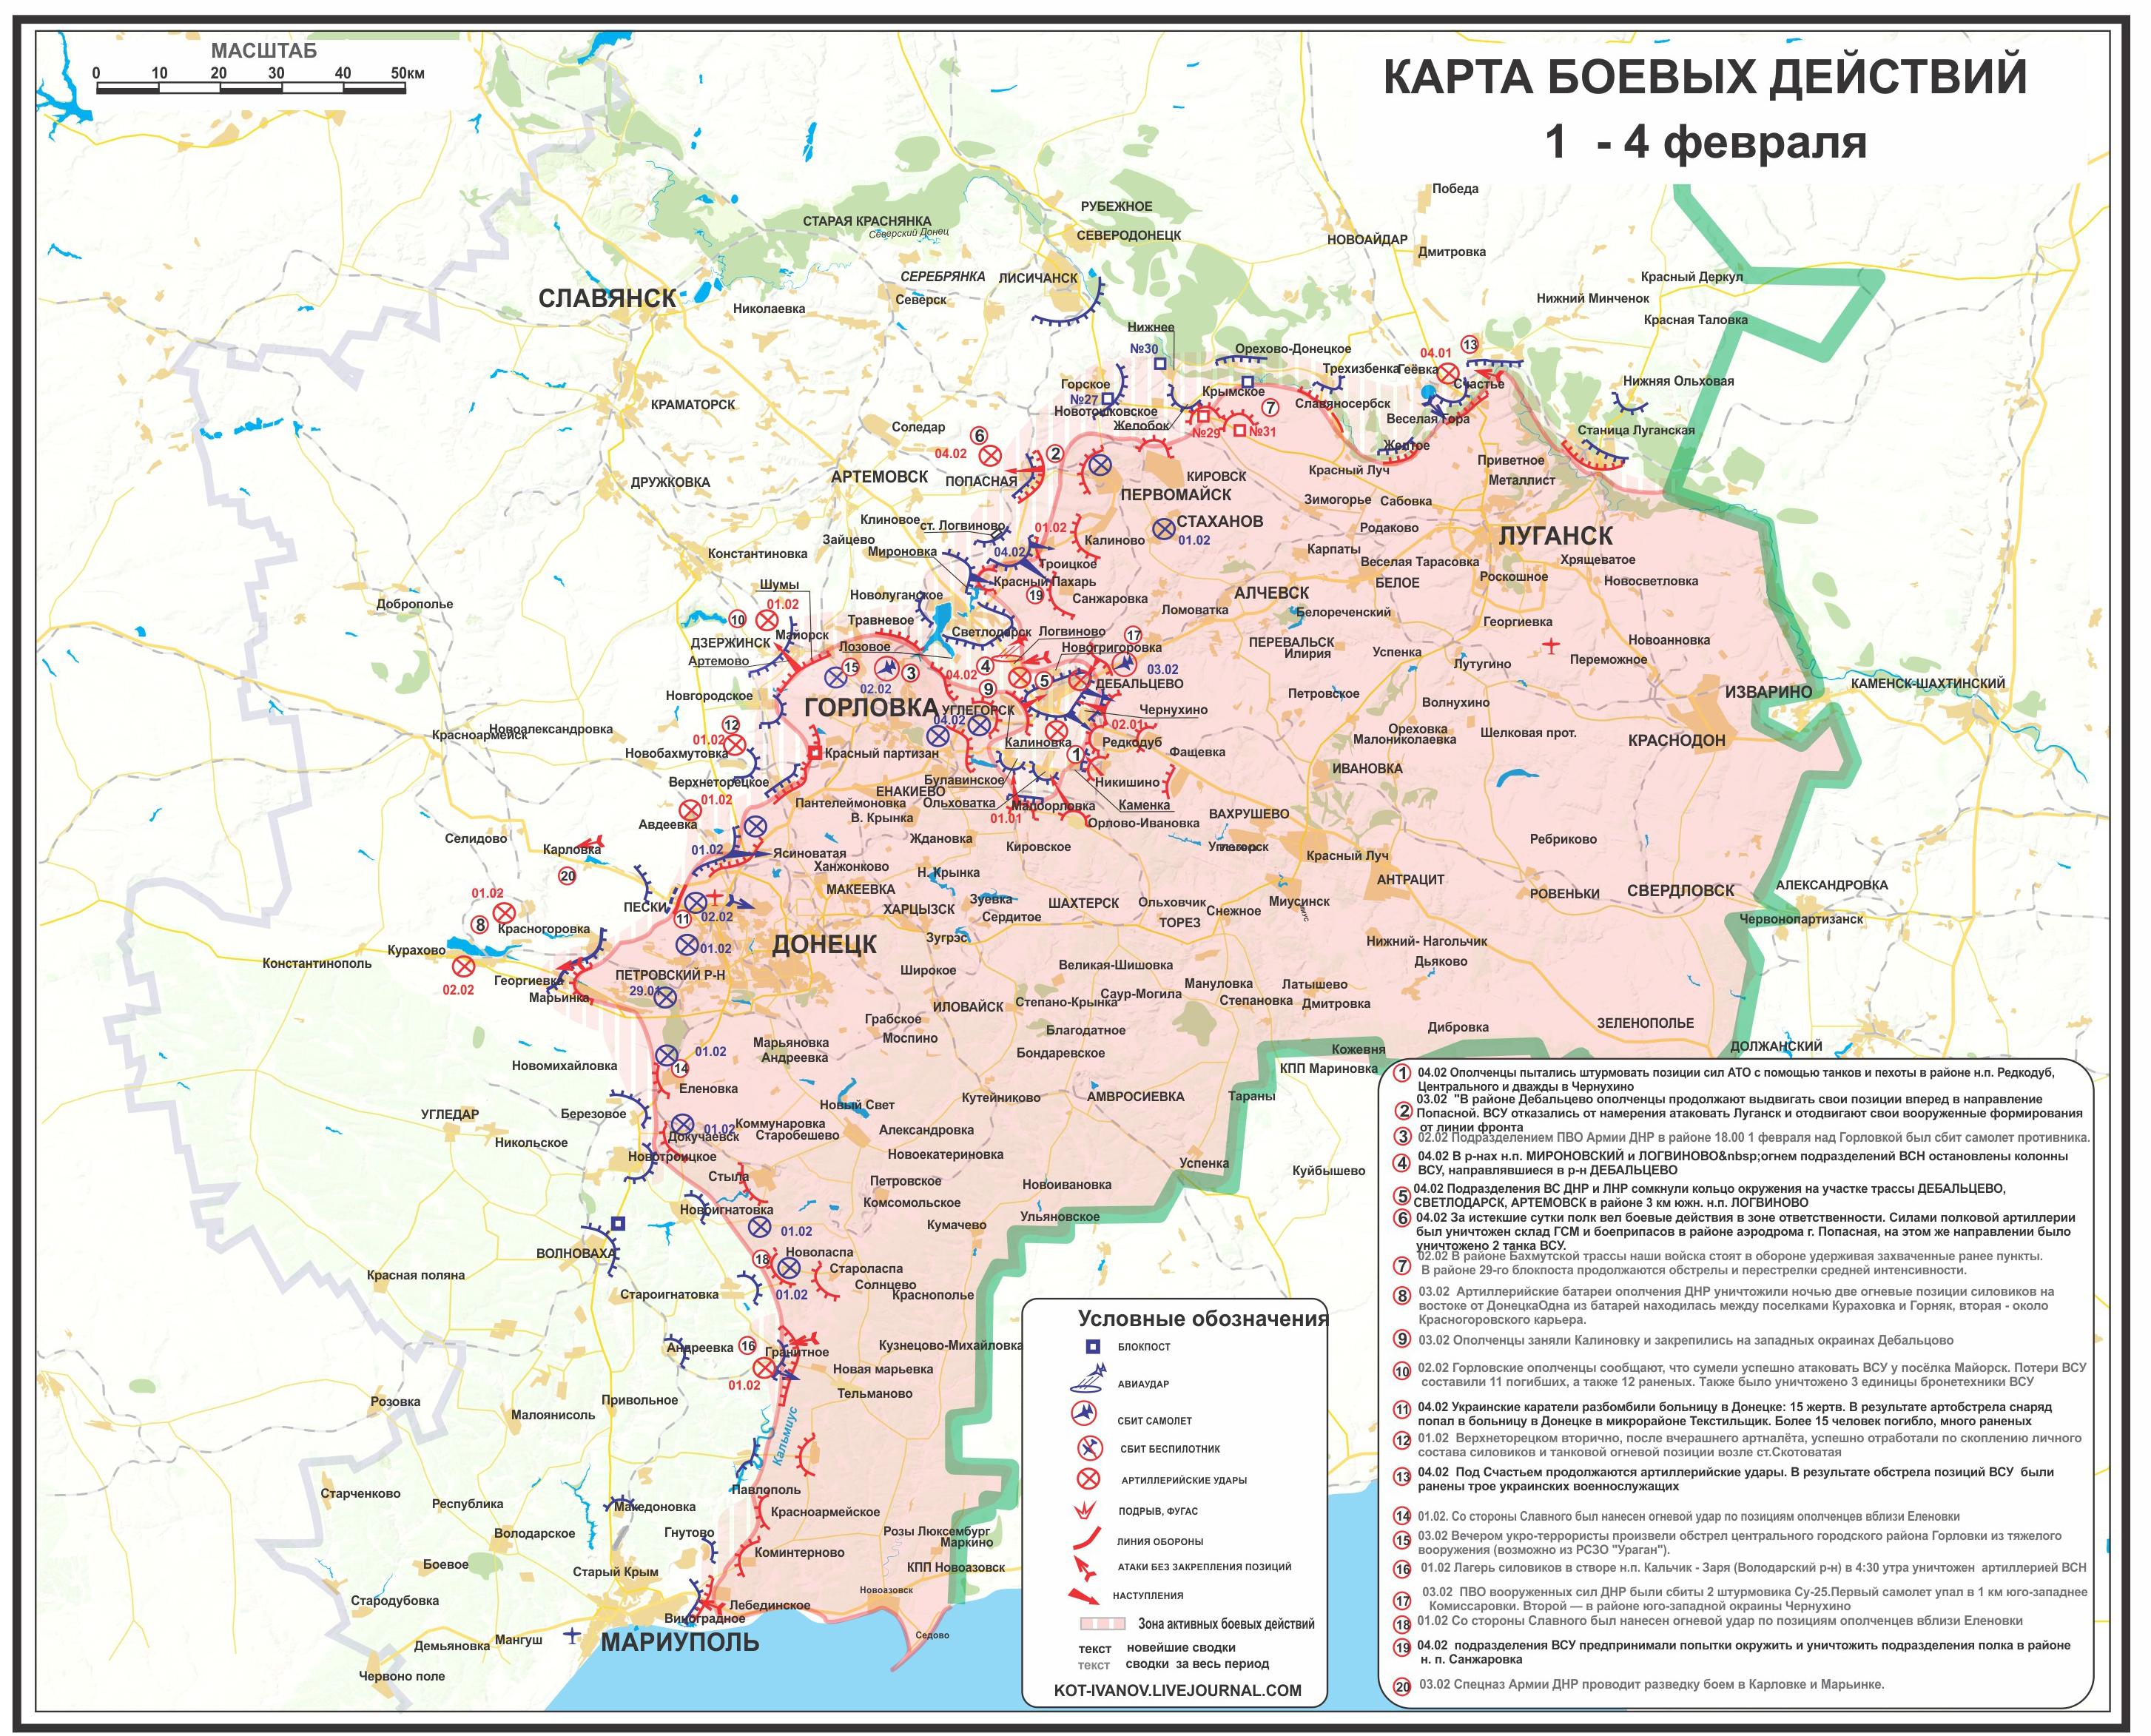 Карта боевых действий 01—04 февраля 2015 года